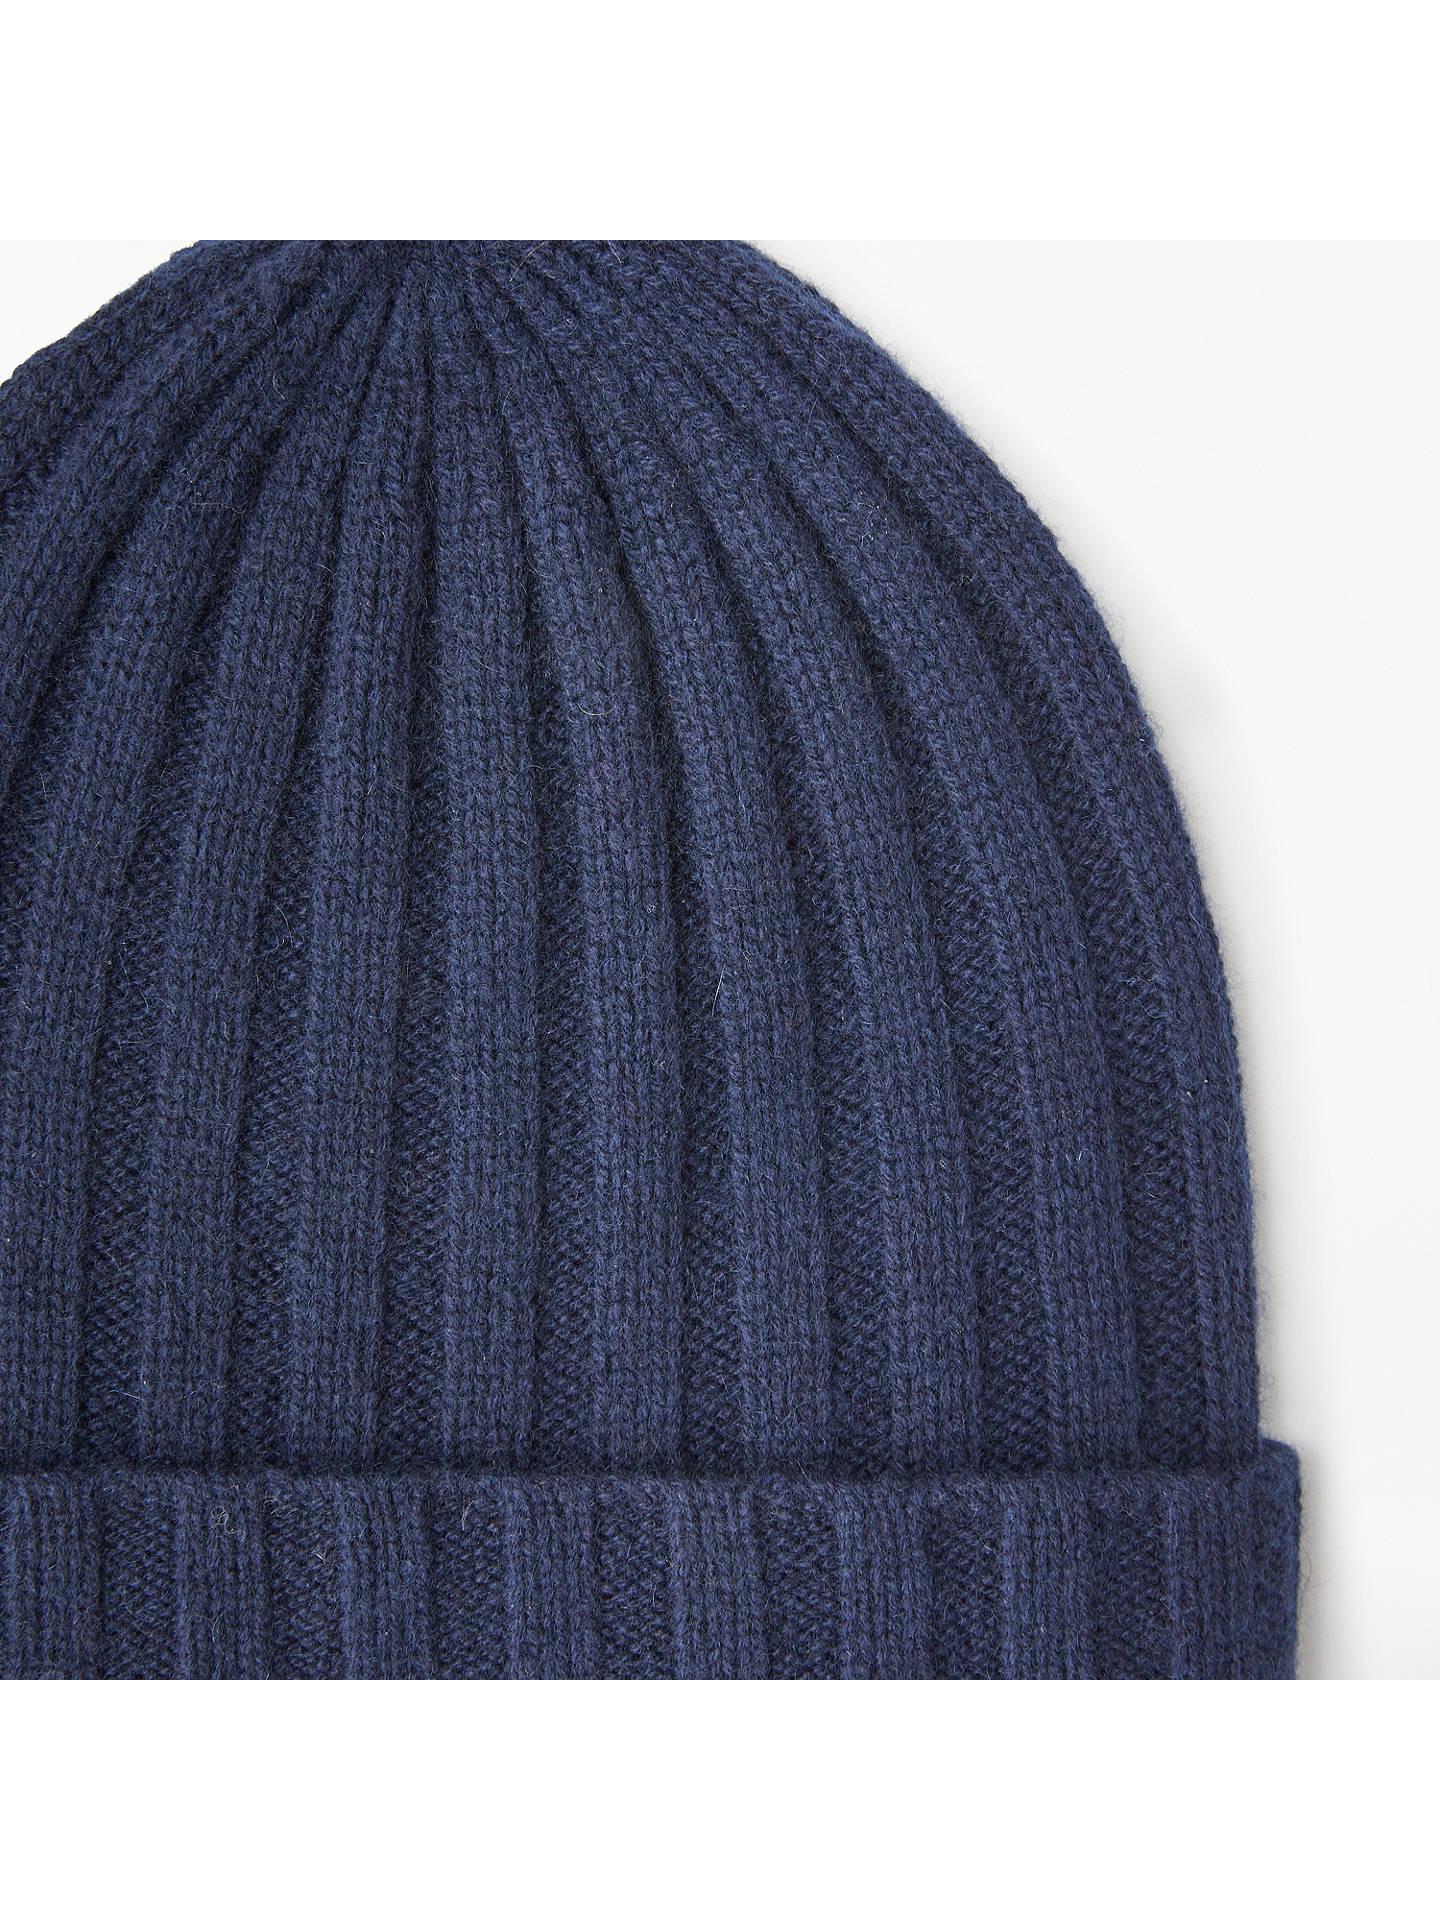 1d9698cd85a ... Buy Winser London Cashmere Pom Pom Hat